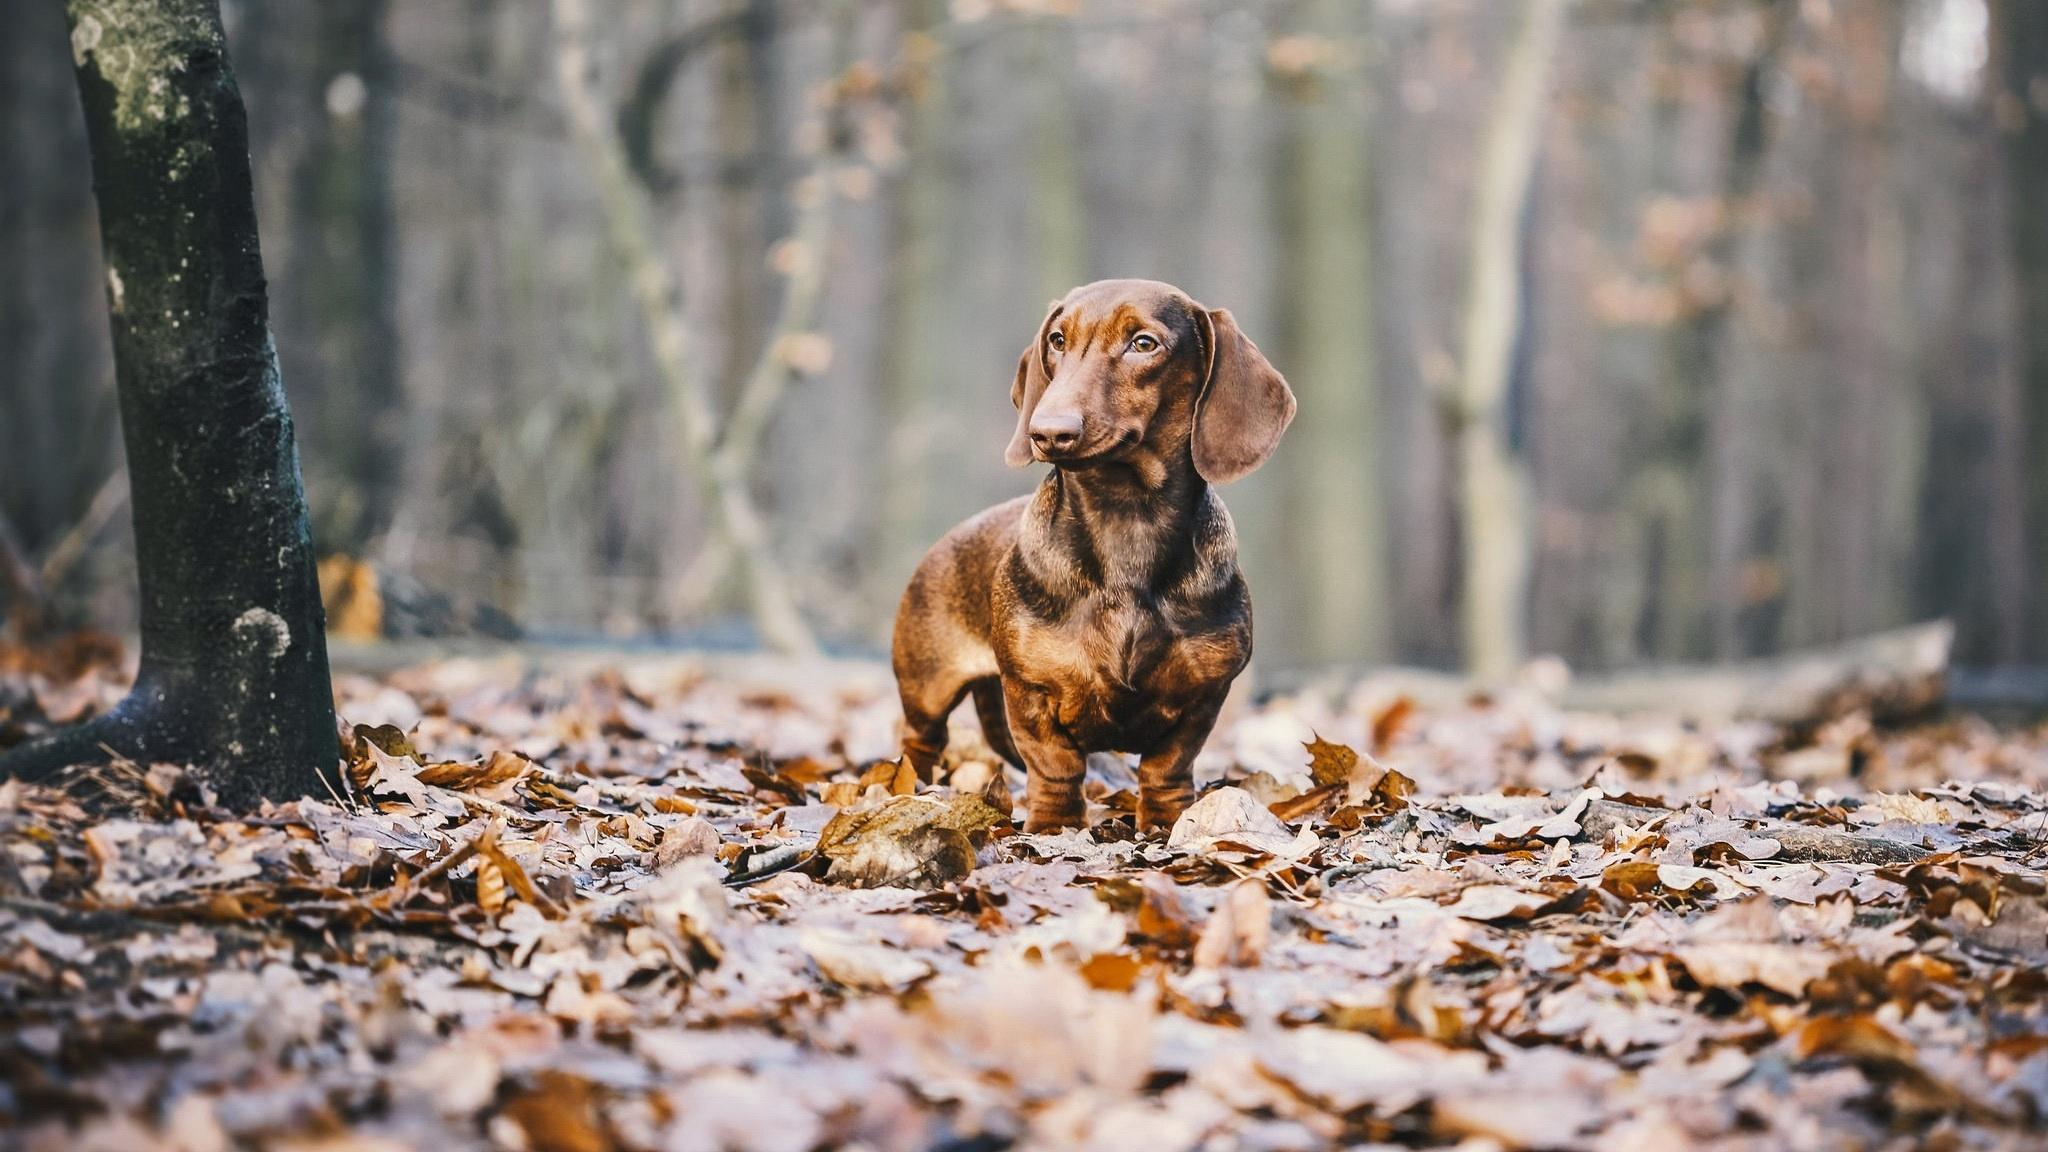 Animal In Autumn best background